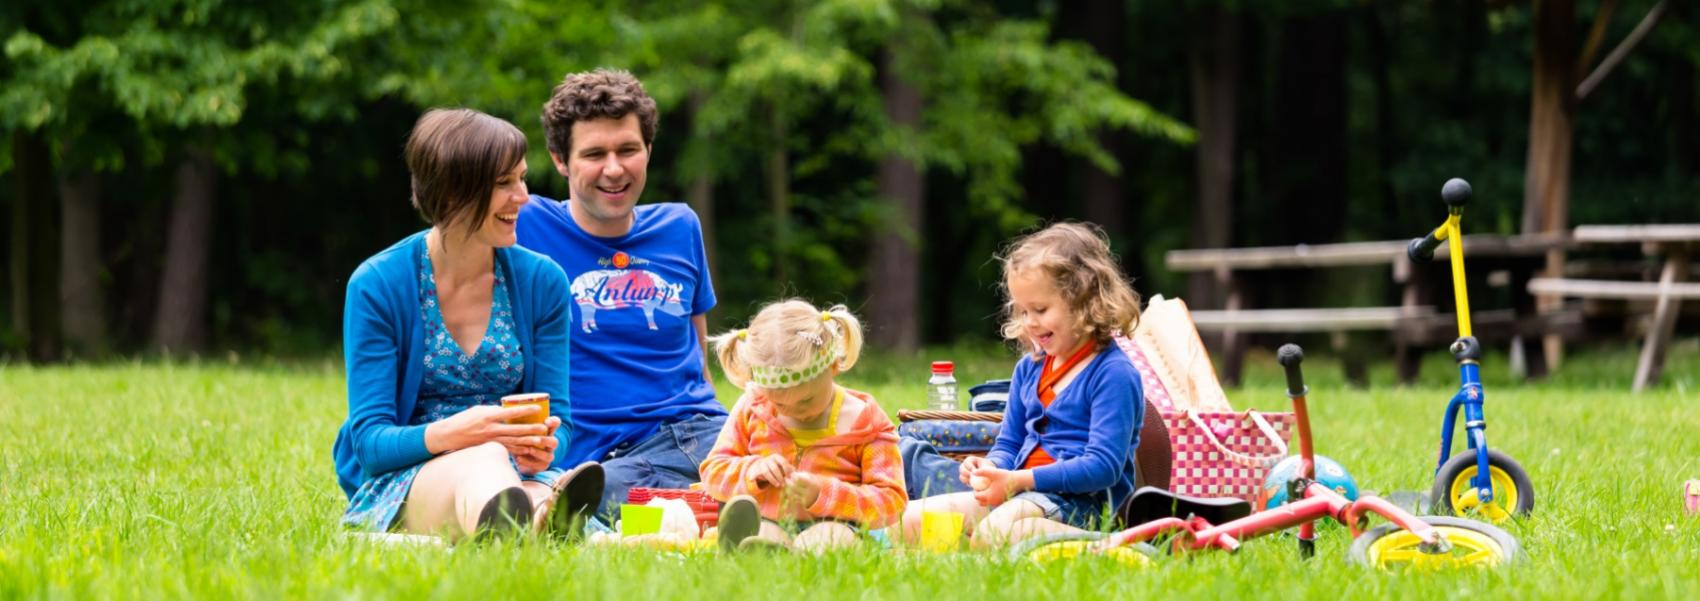 gezin dat picknickt in het gras